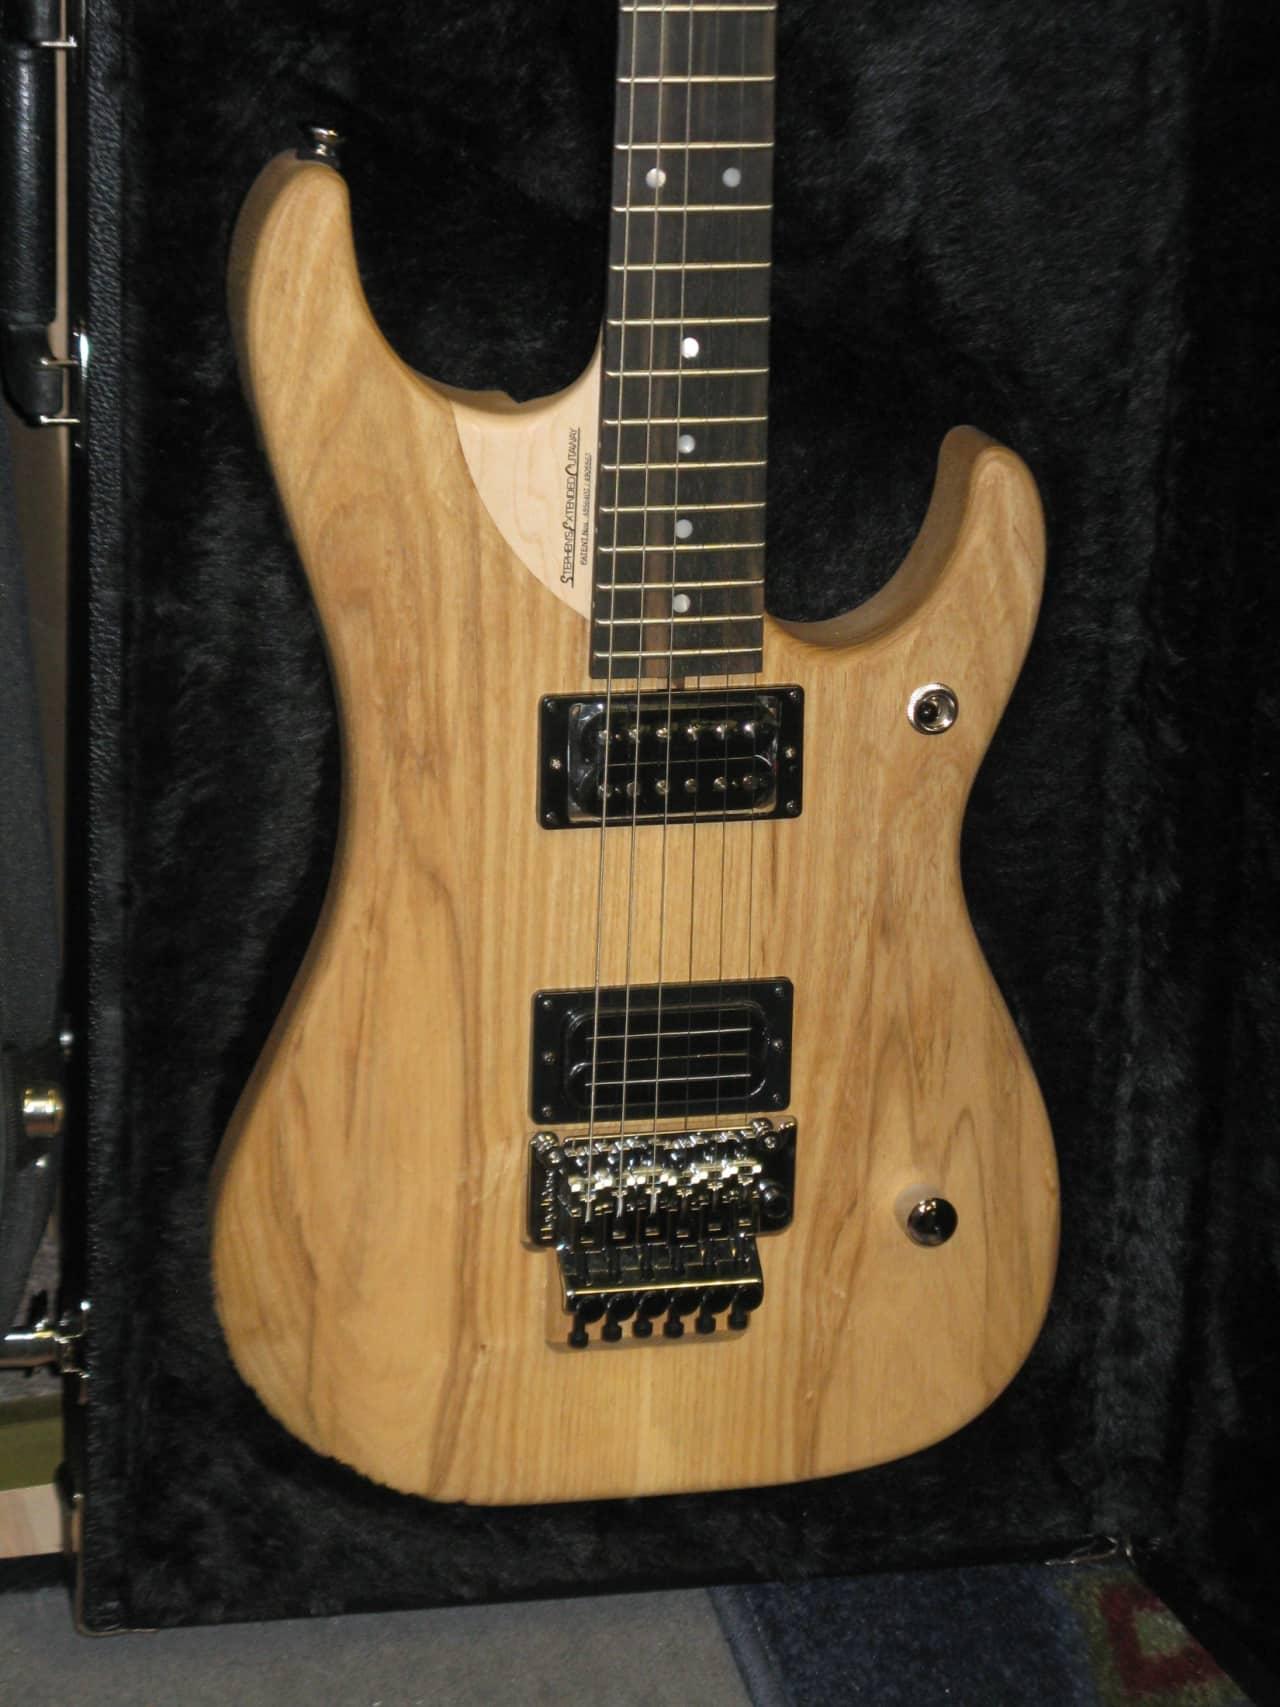 I am selling my 2011 Washburn N7 Nuno Bettencourt 7 string .